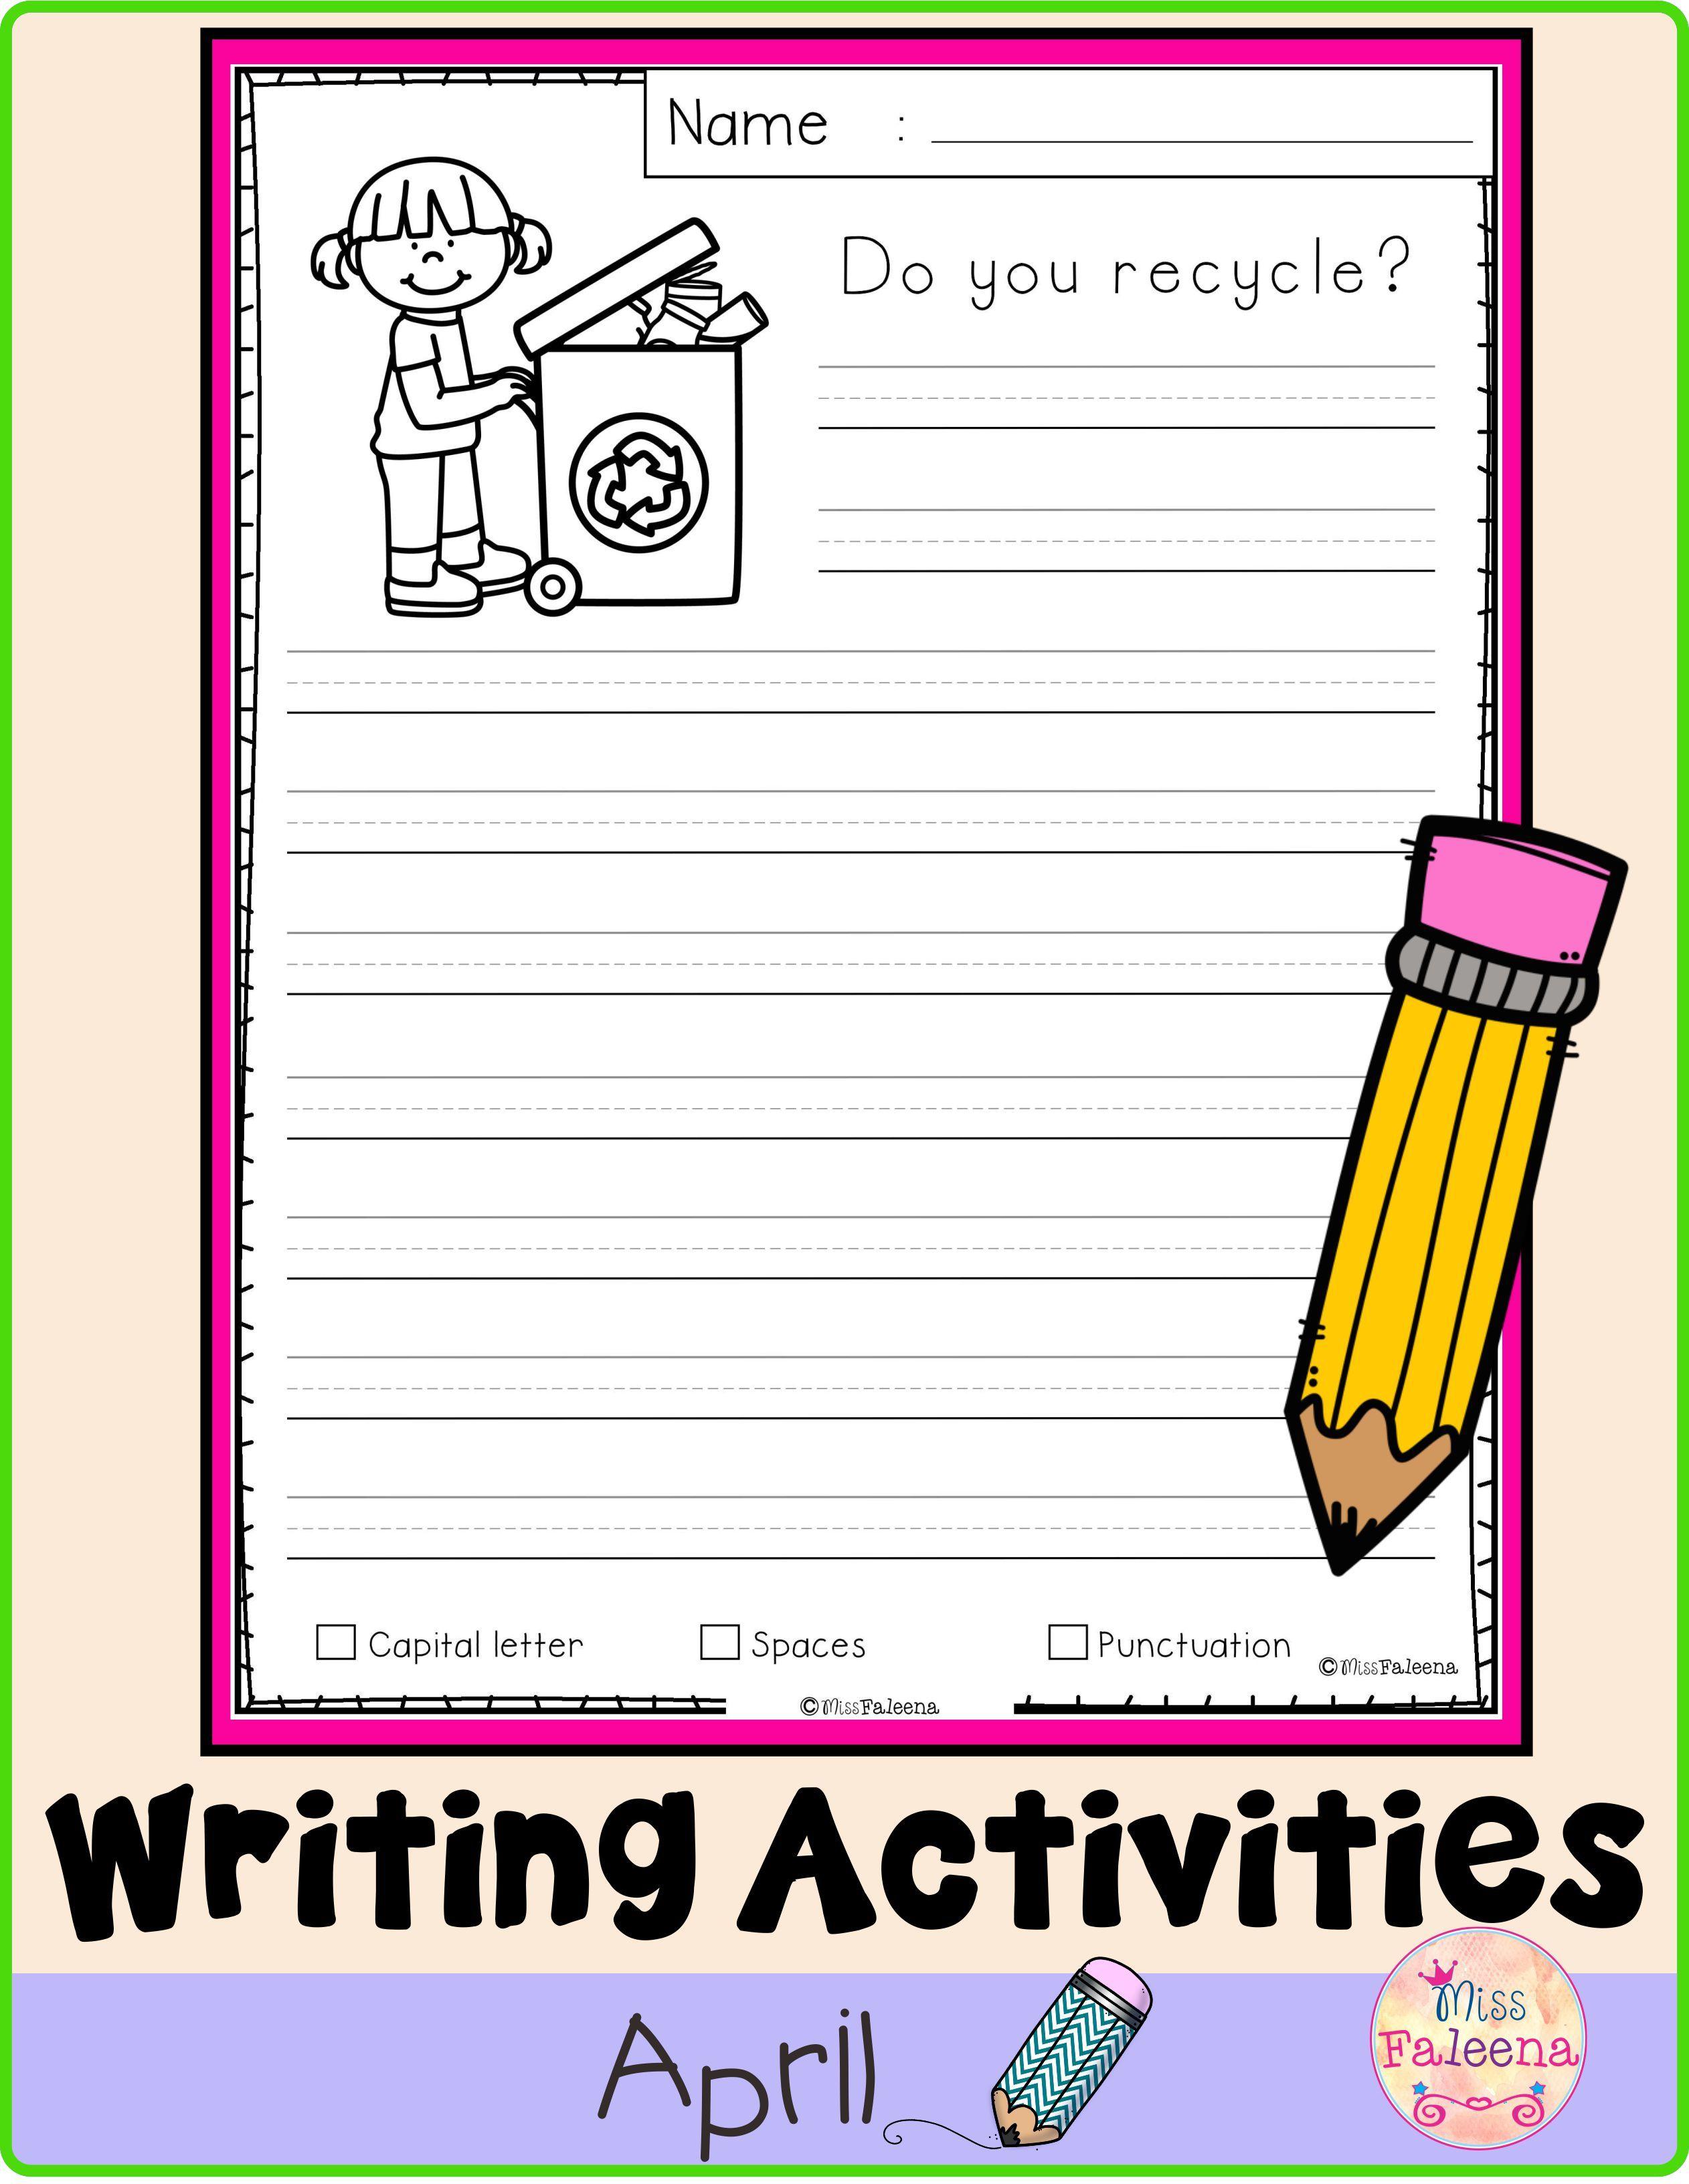 April Writing Activities